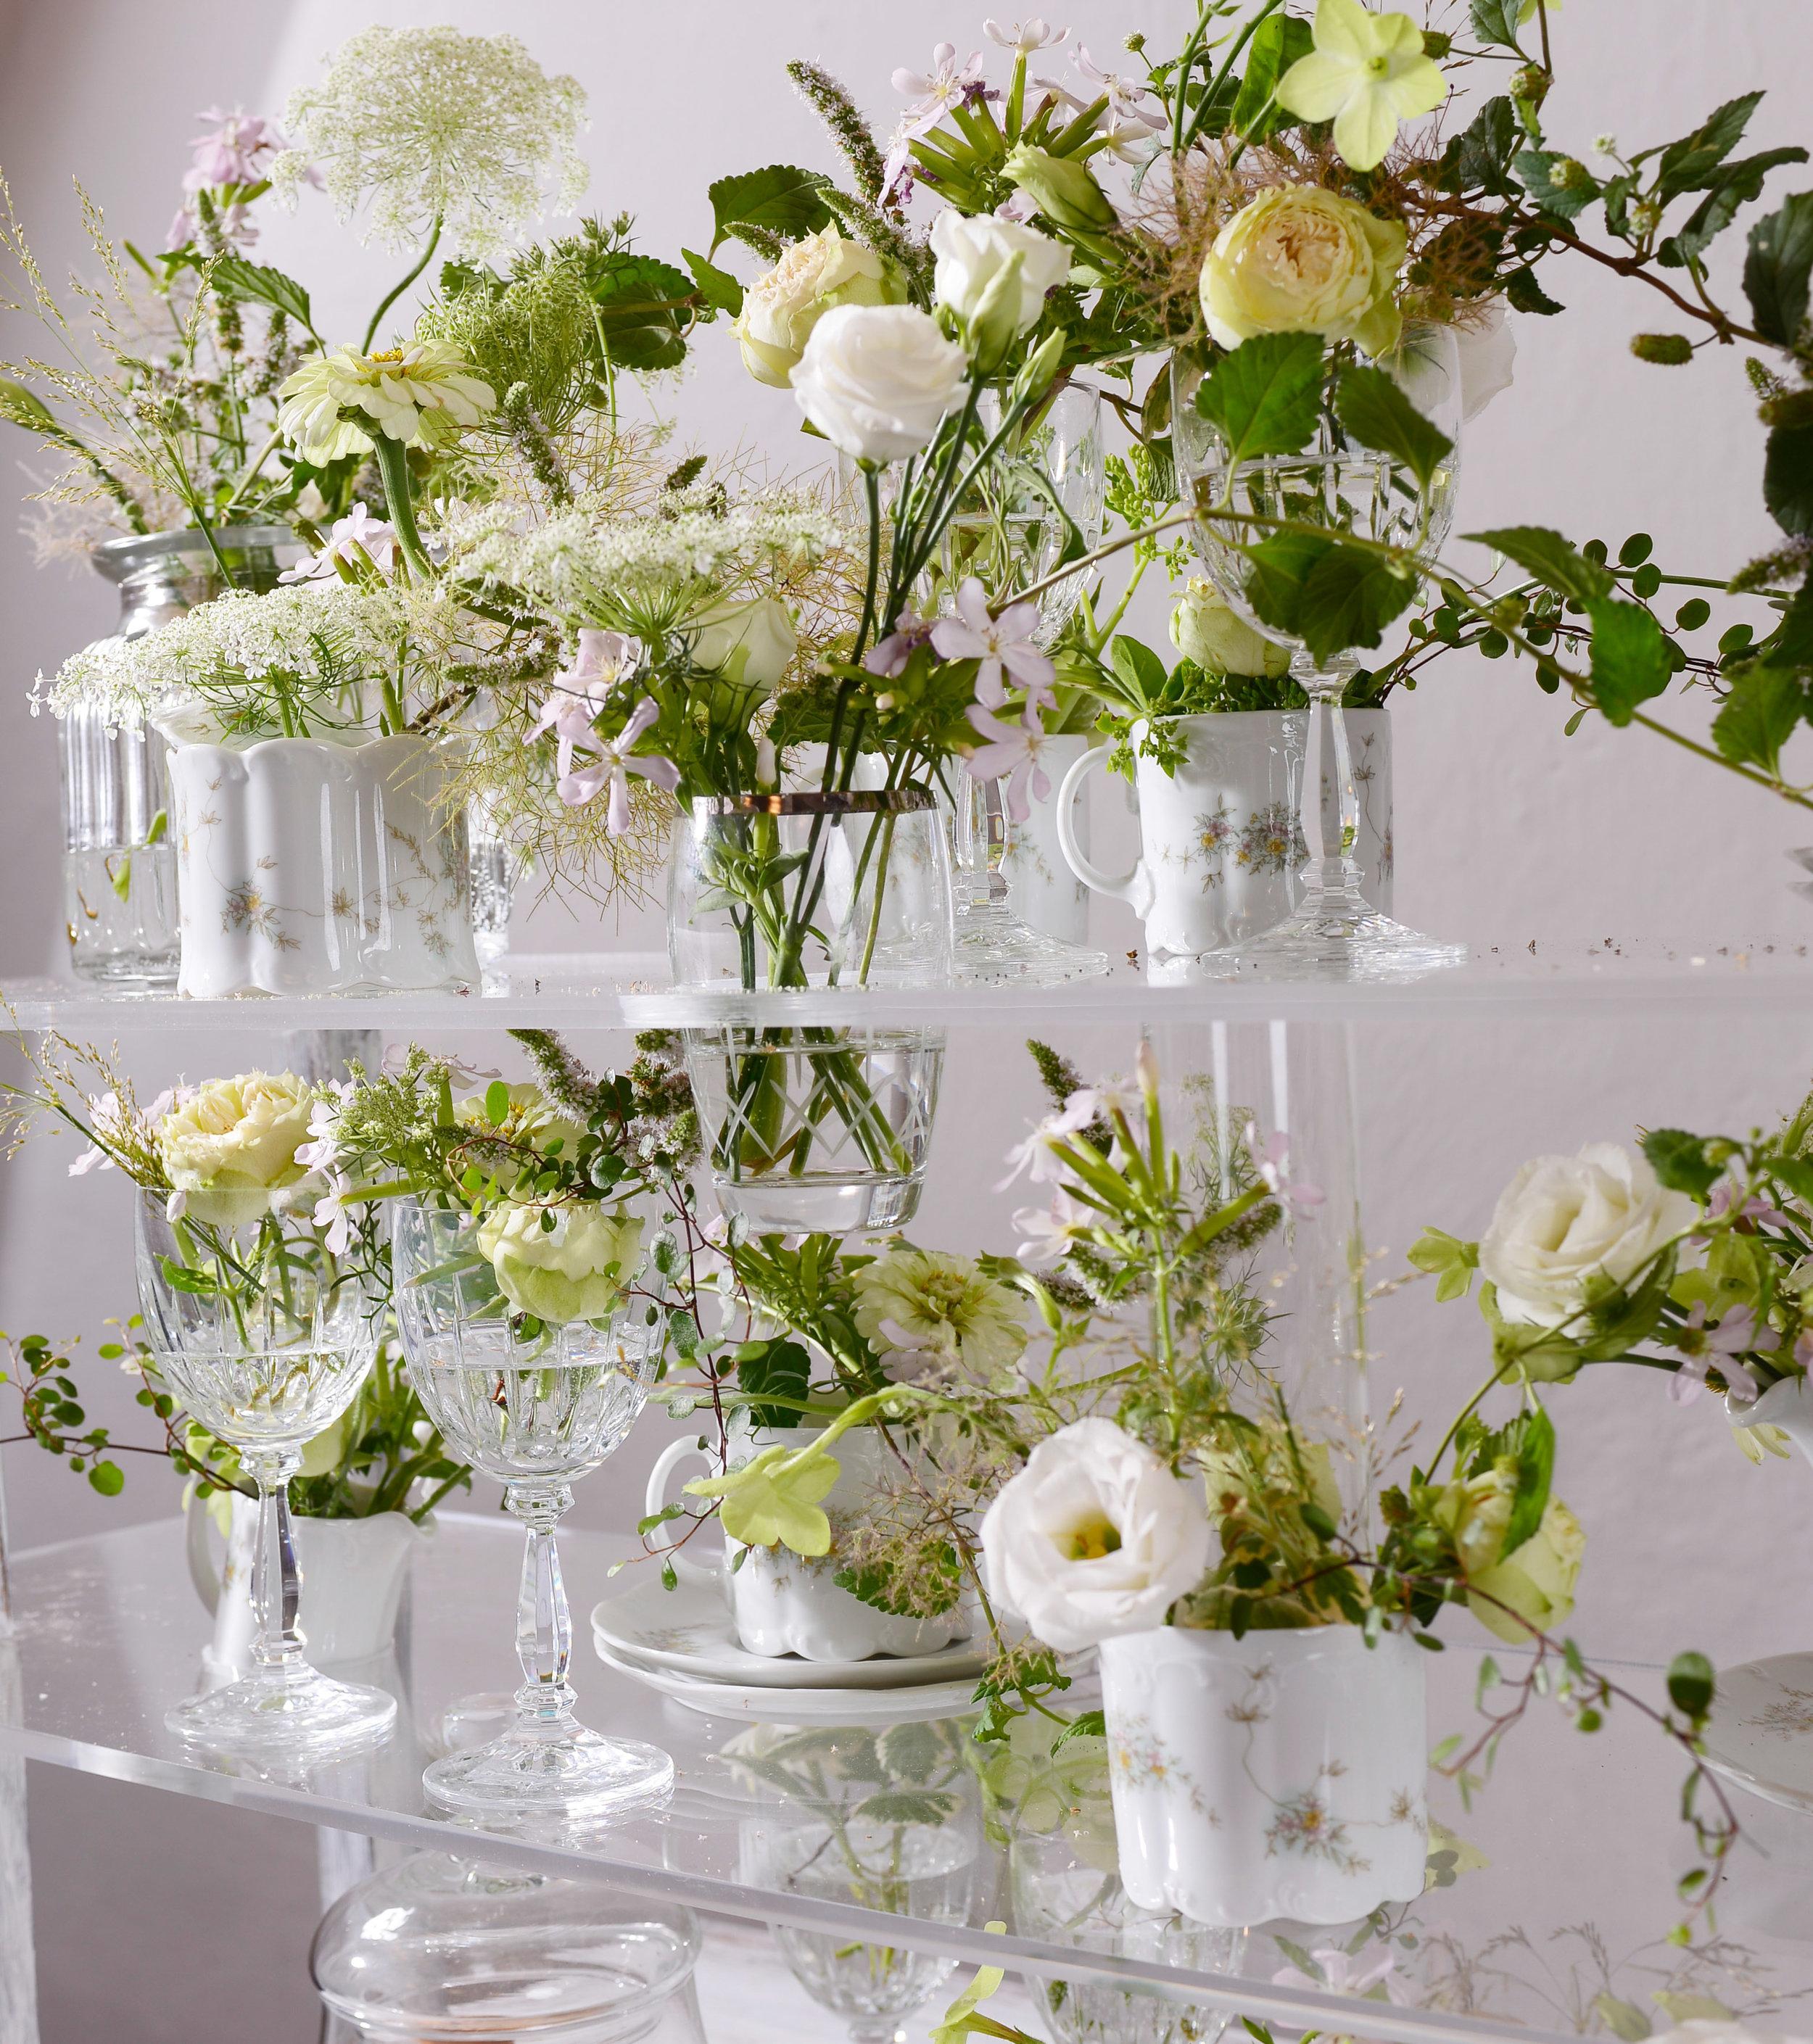 Im Tischschmuck von Yvonne Birkenbeul aus Graz/A durften sich die Blüten und Grünteile unbedarft und locker verhalten, ganz so als hätten sie die Gestaltung selbst vollzogen.